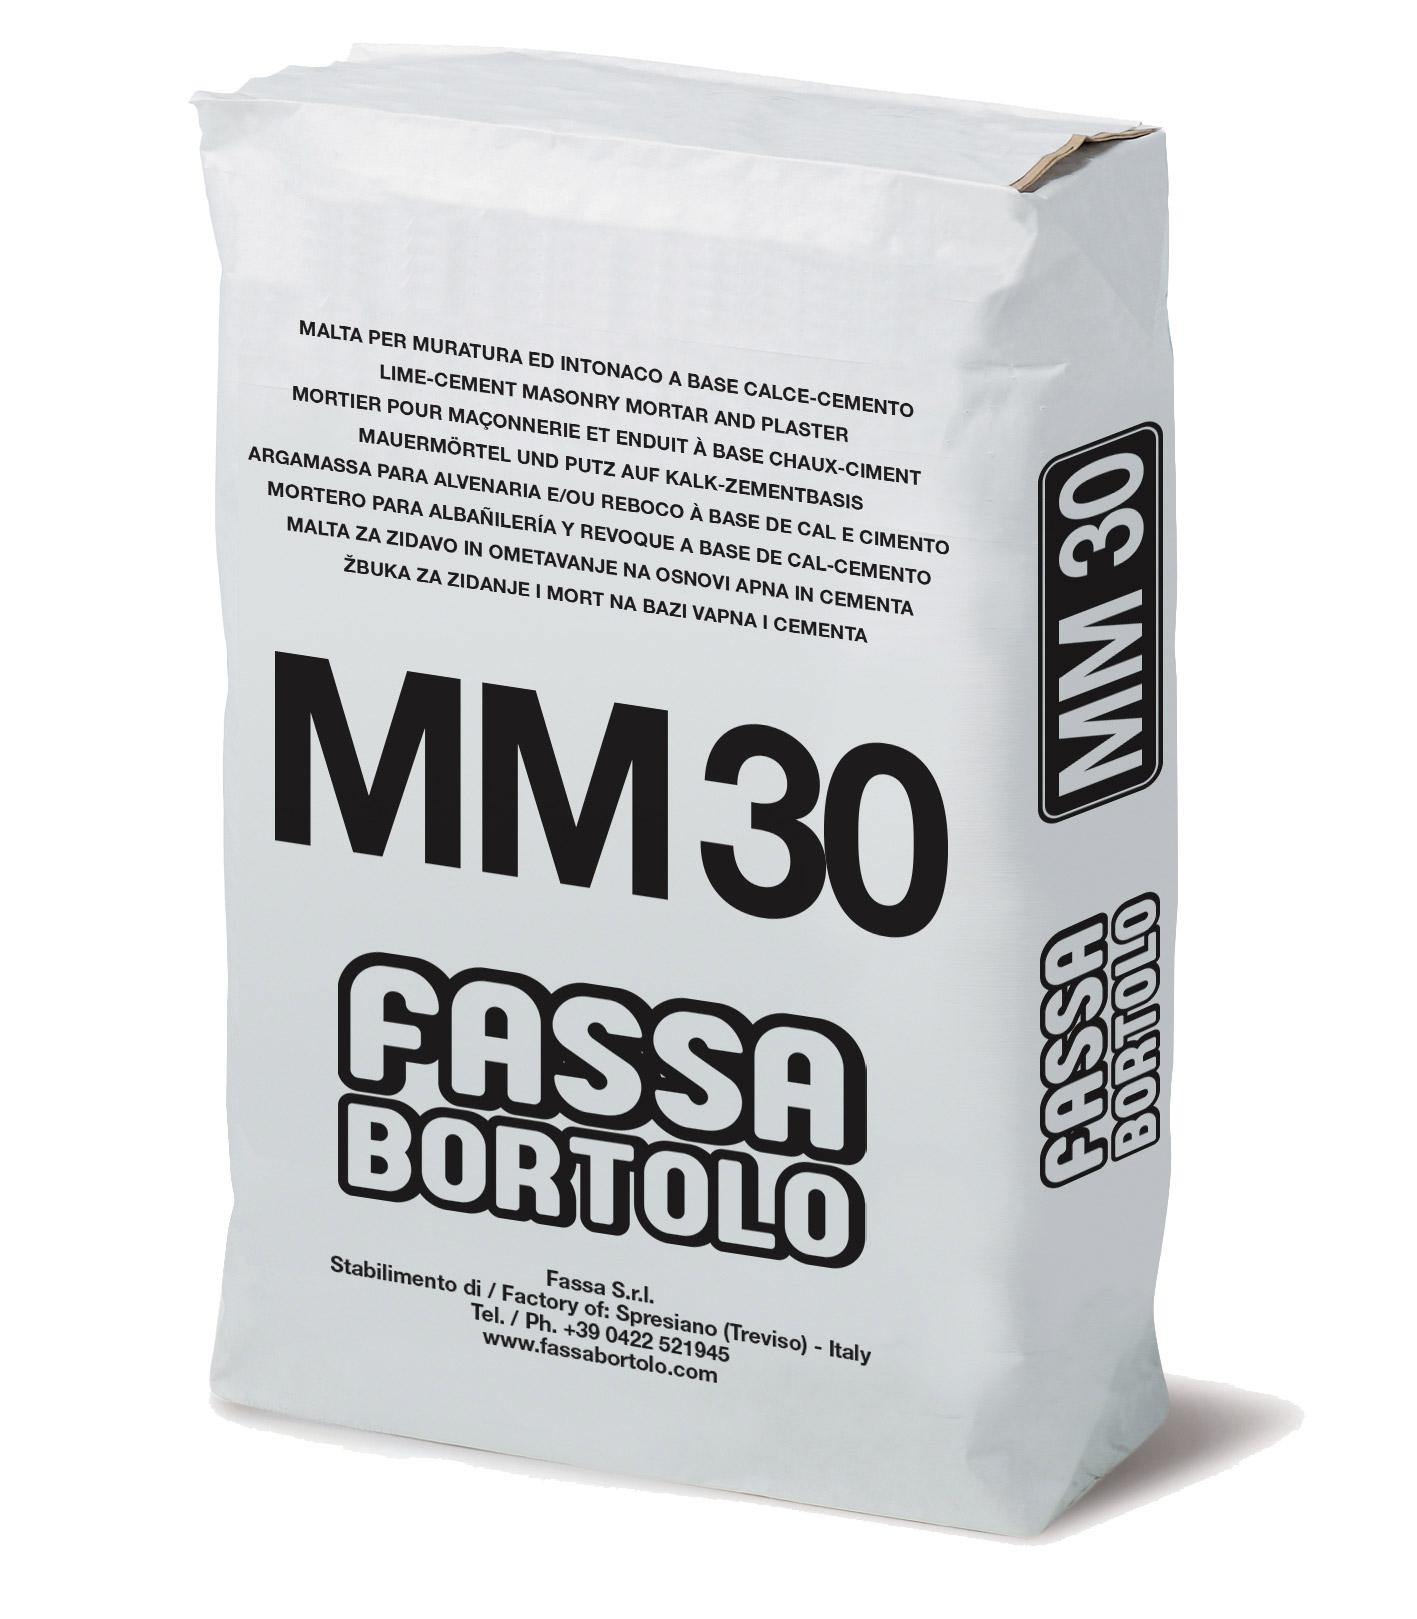 MM 30: Argamassa cimentícia para alvenaria